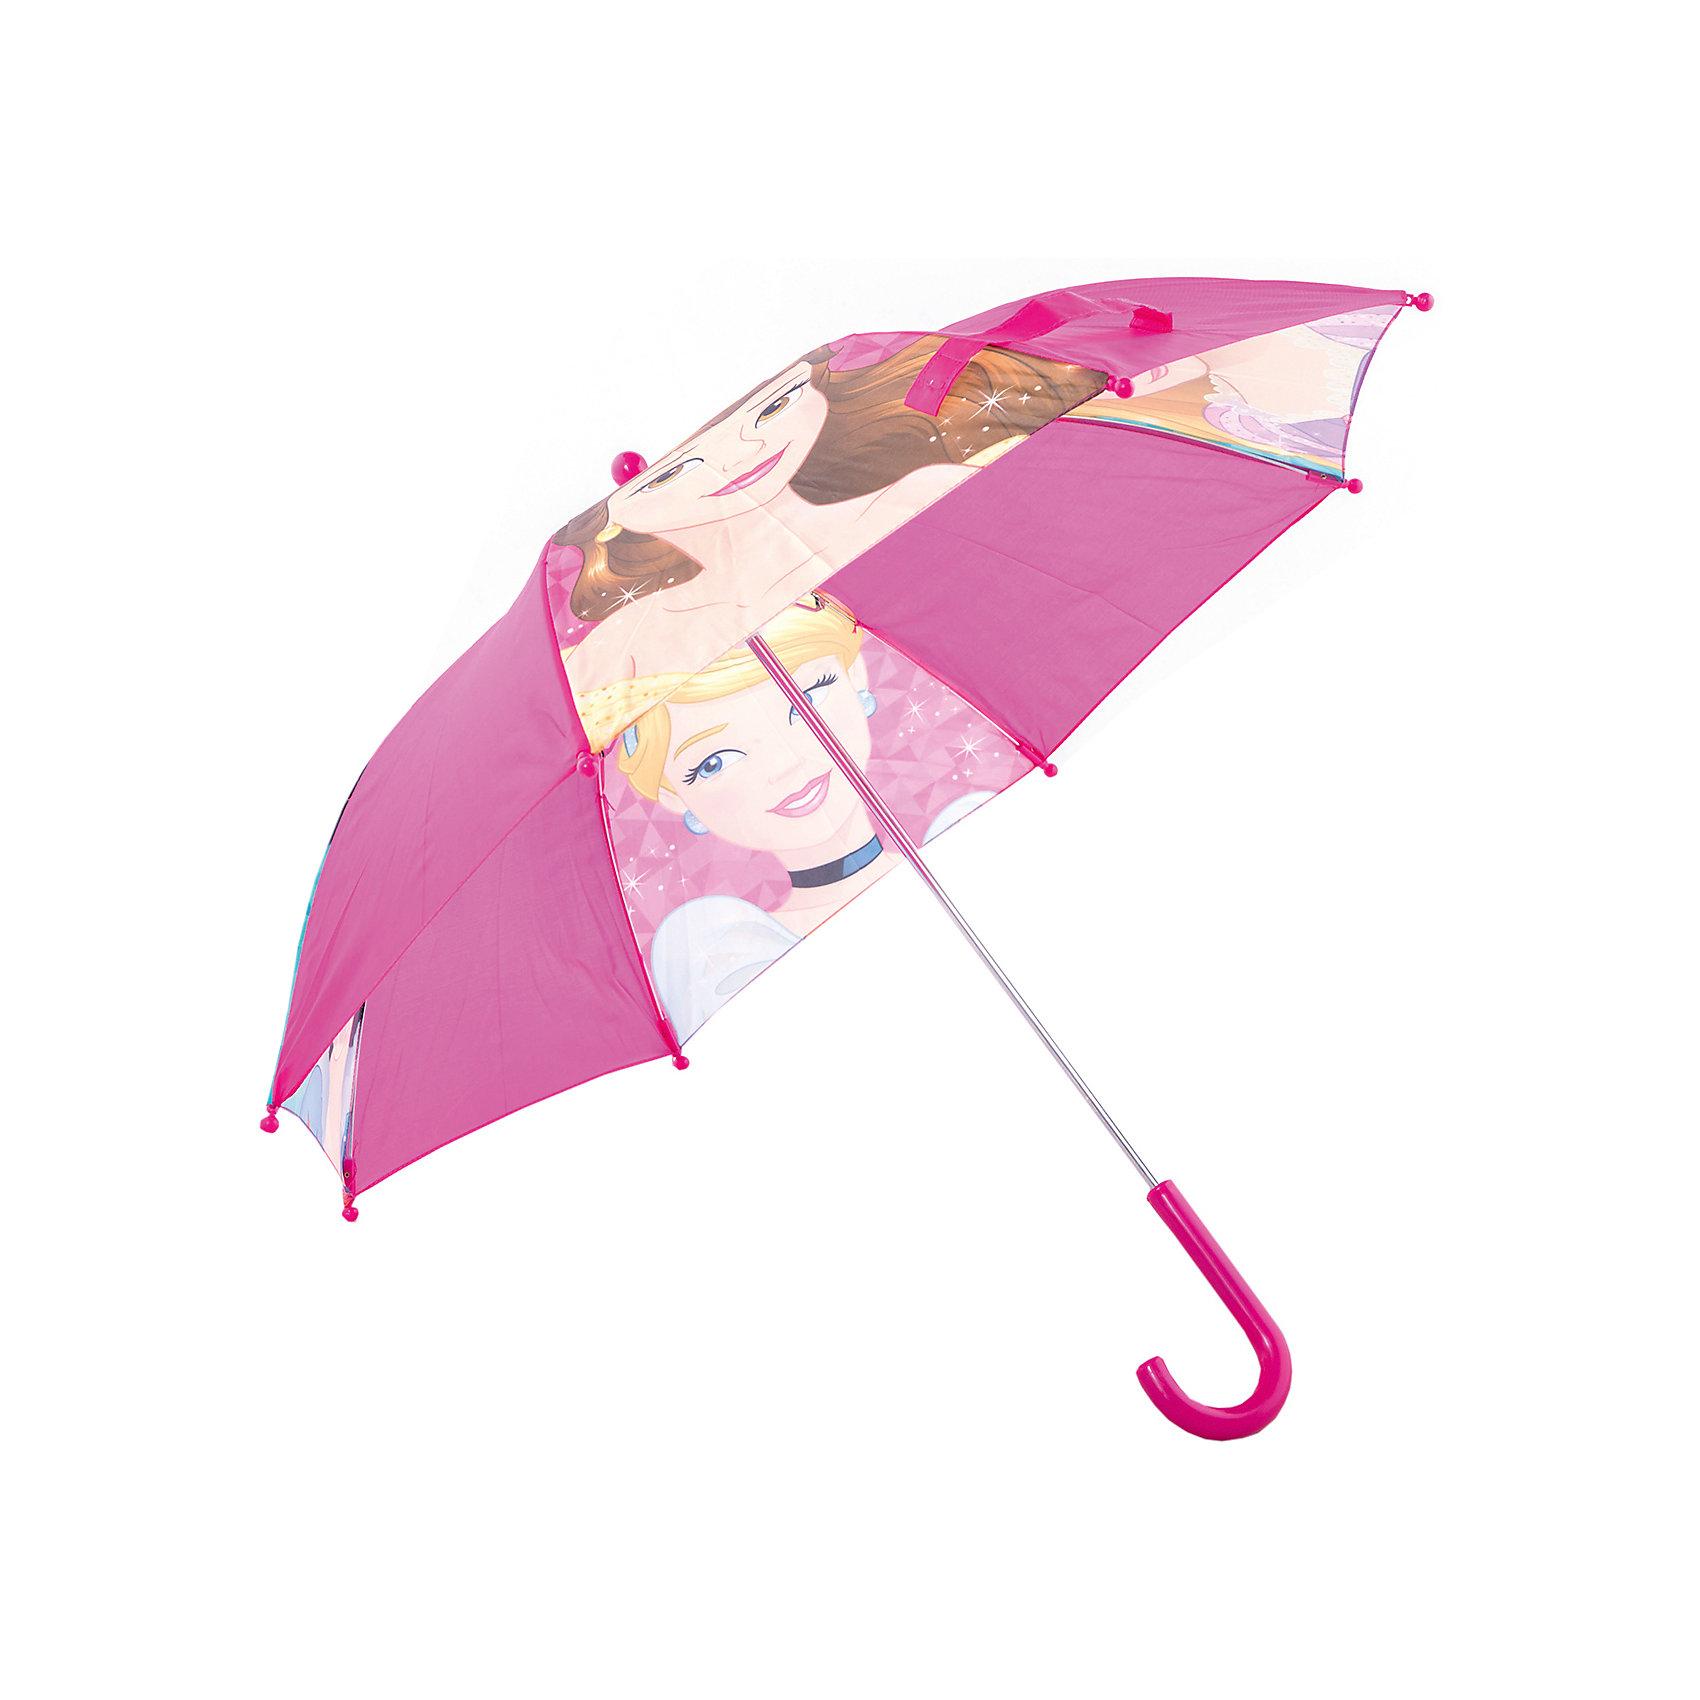 Зонт-трость 37,5 см., Disney PrincessЗонты детские<br>Компактный детский зонтик-трость станет замечательным подарком для Вашего чада и защитит его не только от дождя, но и от солнца. Красочный дизайн зонтика поднимет настроение и станет незаменимым атрибутом прогулки. Ребенок сможет сам открывать и закрывать зонтик, благодаря легкому механизму, а оригинальная расцветка зонтика привлечет к себе внимание. Тип механизма: механический (открывается/закрывается вручную). Конструкция зонта: зонт-трость. Материал: пластик, полиэстер, металл.<br>Диаметр купола: 68 см<br><br>Ширина мм: 75<br>Глубина мм: 60<br>Высота мм: 550<br>Вес г: 211<br>Возраст от месяцев: 36<br>Возраст до месяцев: 36<br>Пол: Женский<br>Возраст: Детский<br>SKU: 5529355